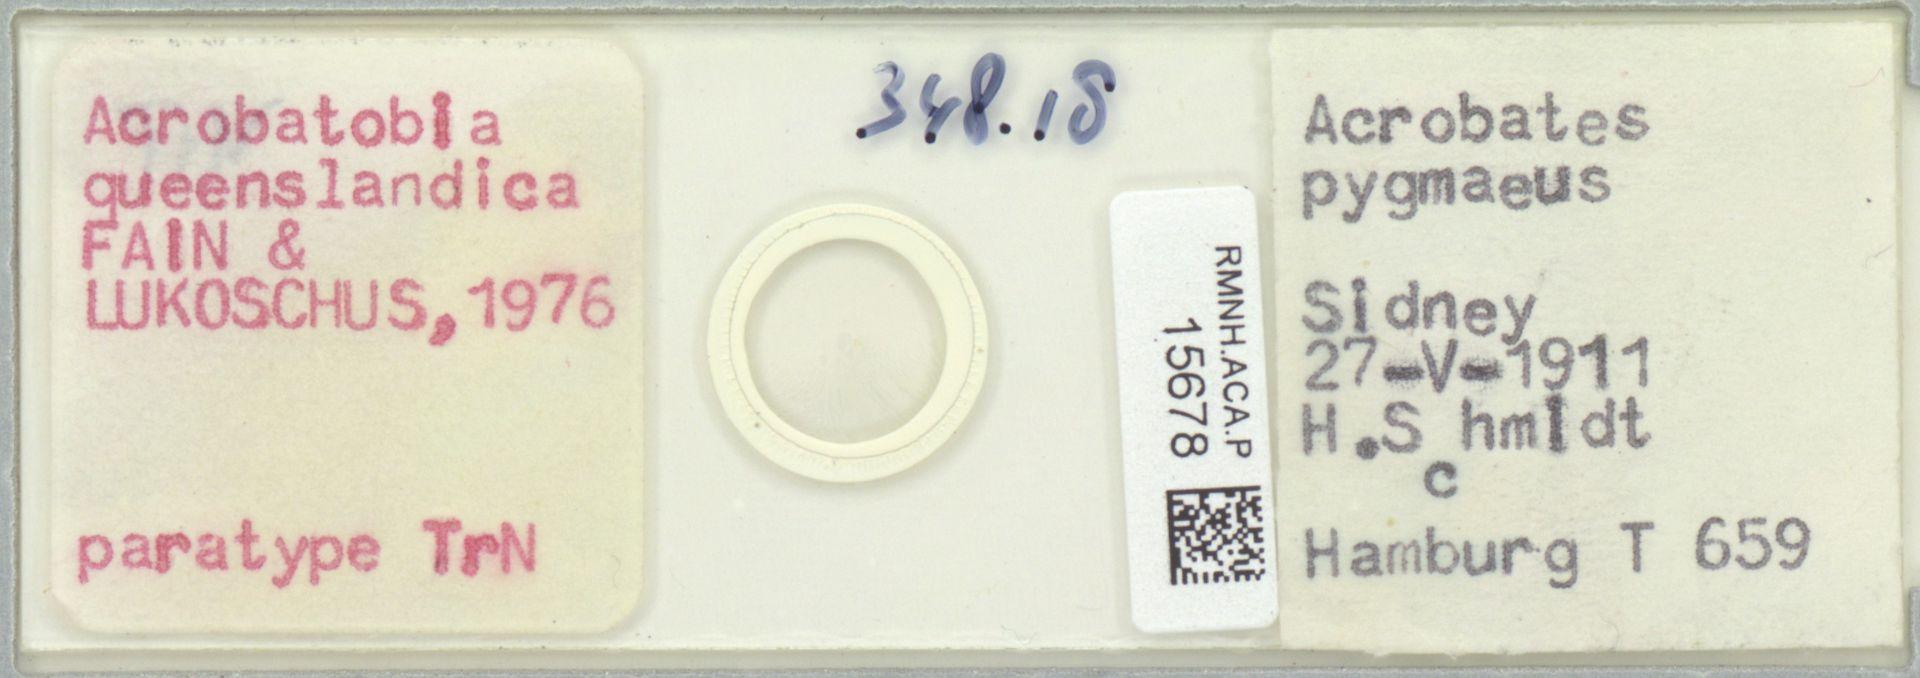 RMNH.ACA.P.15678 | Acrobatobia queenslandica Fain & Lukoschus, 1976